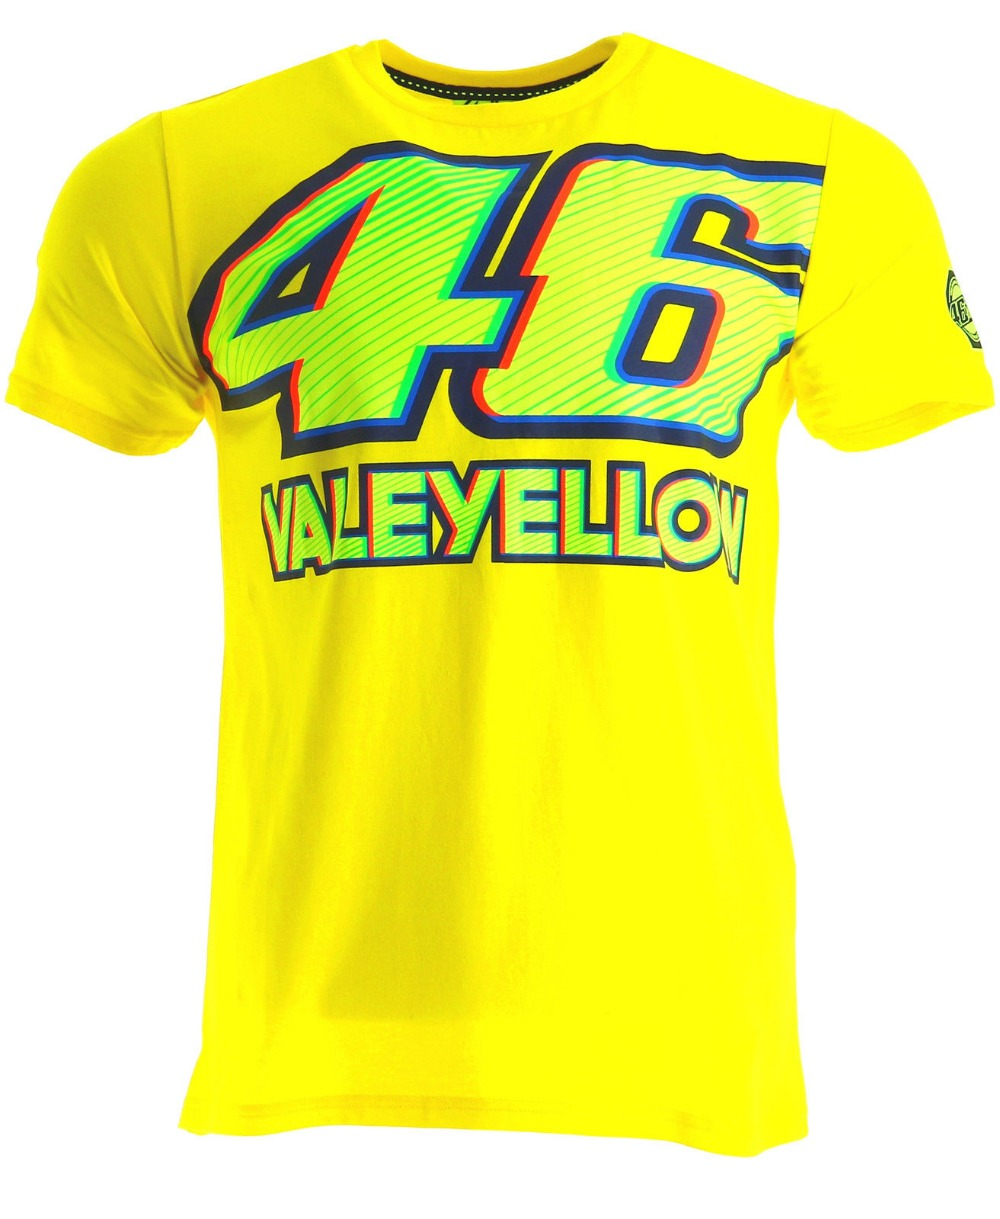 30334595e3 Envío libre 2017 Valentino Rossi VR46 negro camiseta el doctor MotoGP 46  Motores deportes amarillo